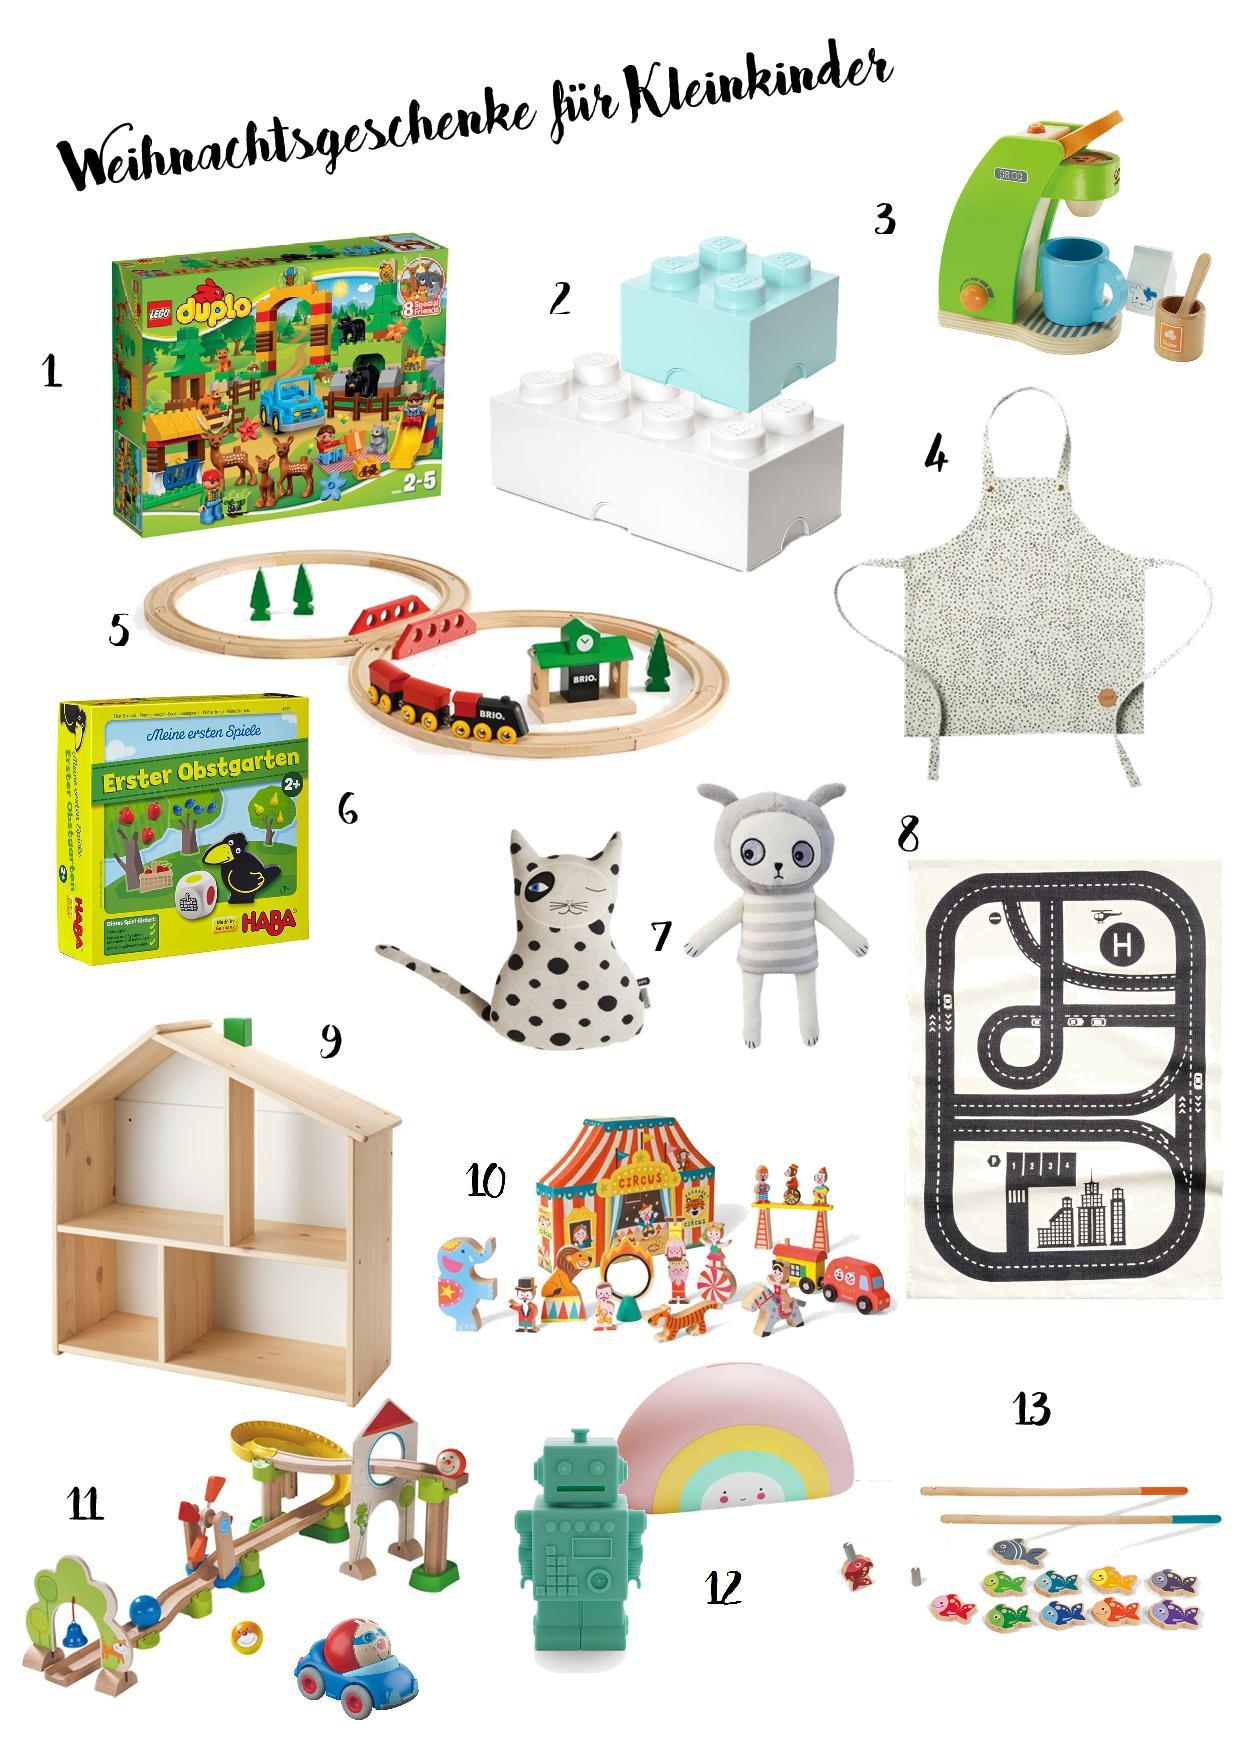 Weihnachtsgeschenke für Kleinkinder   Fräulein Tiger